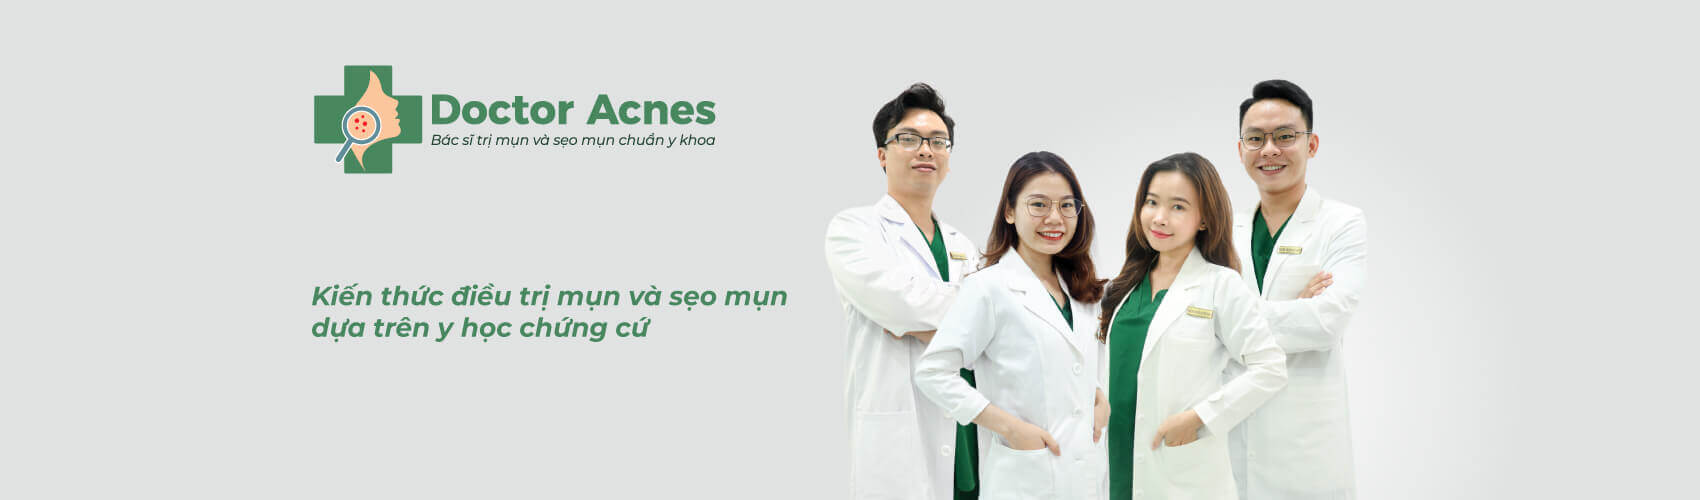 Kiến thức trị mụn và sẹo mụn chuẩn y khoa